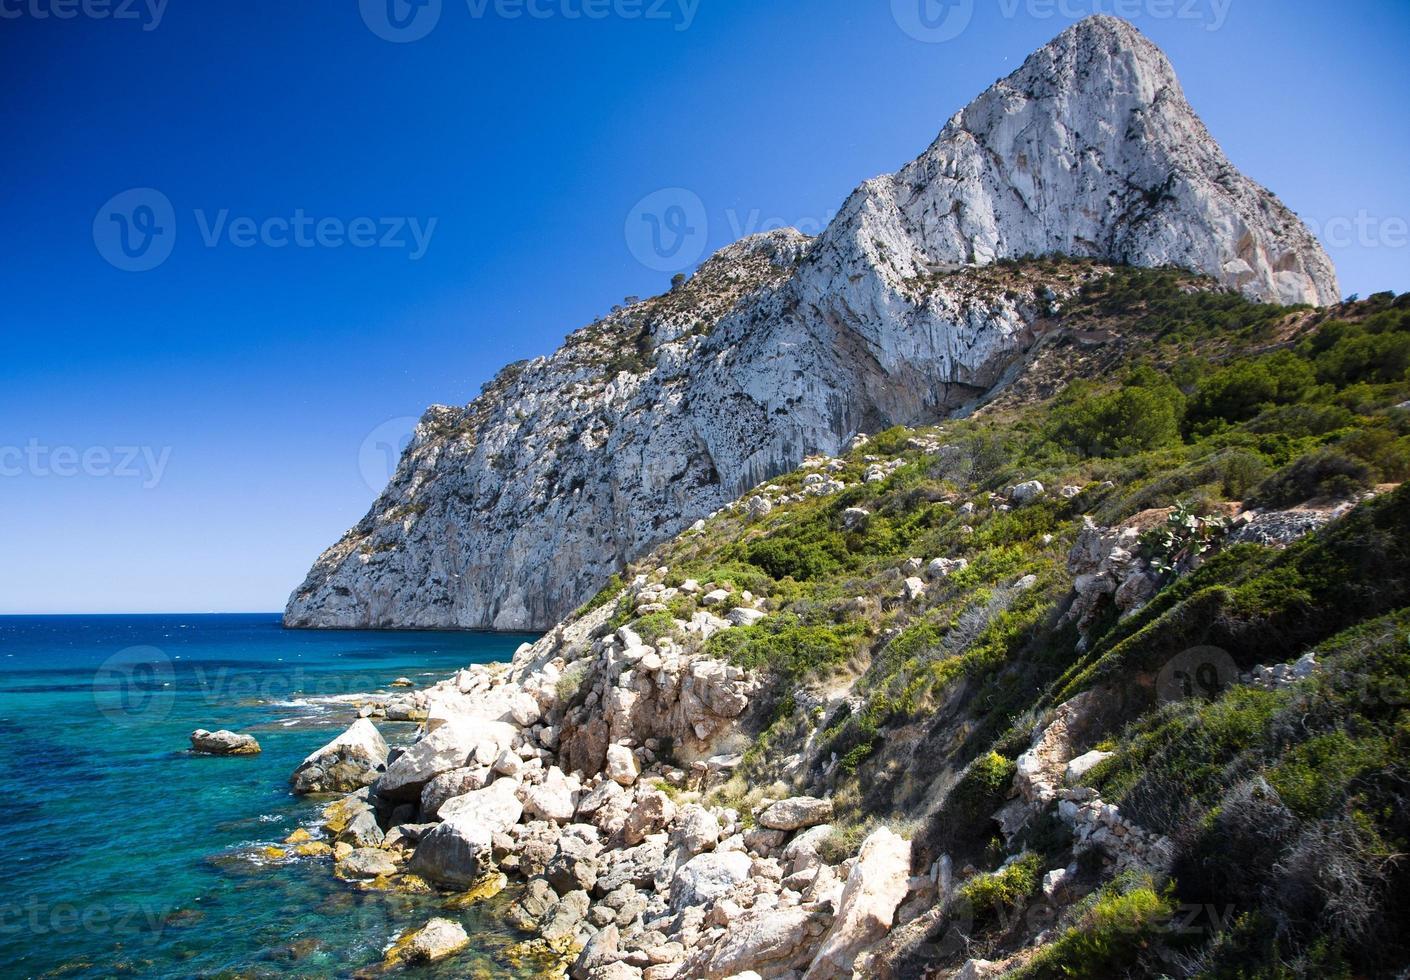 Cliff and sea landscape photo